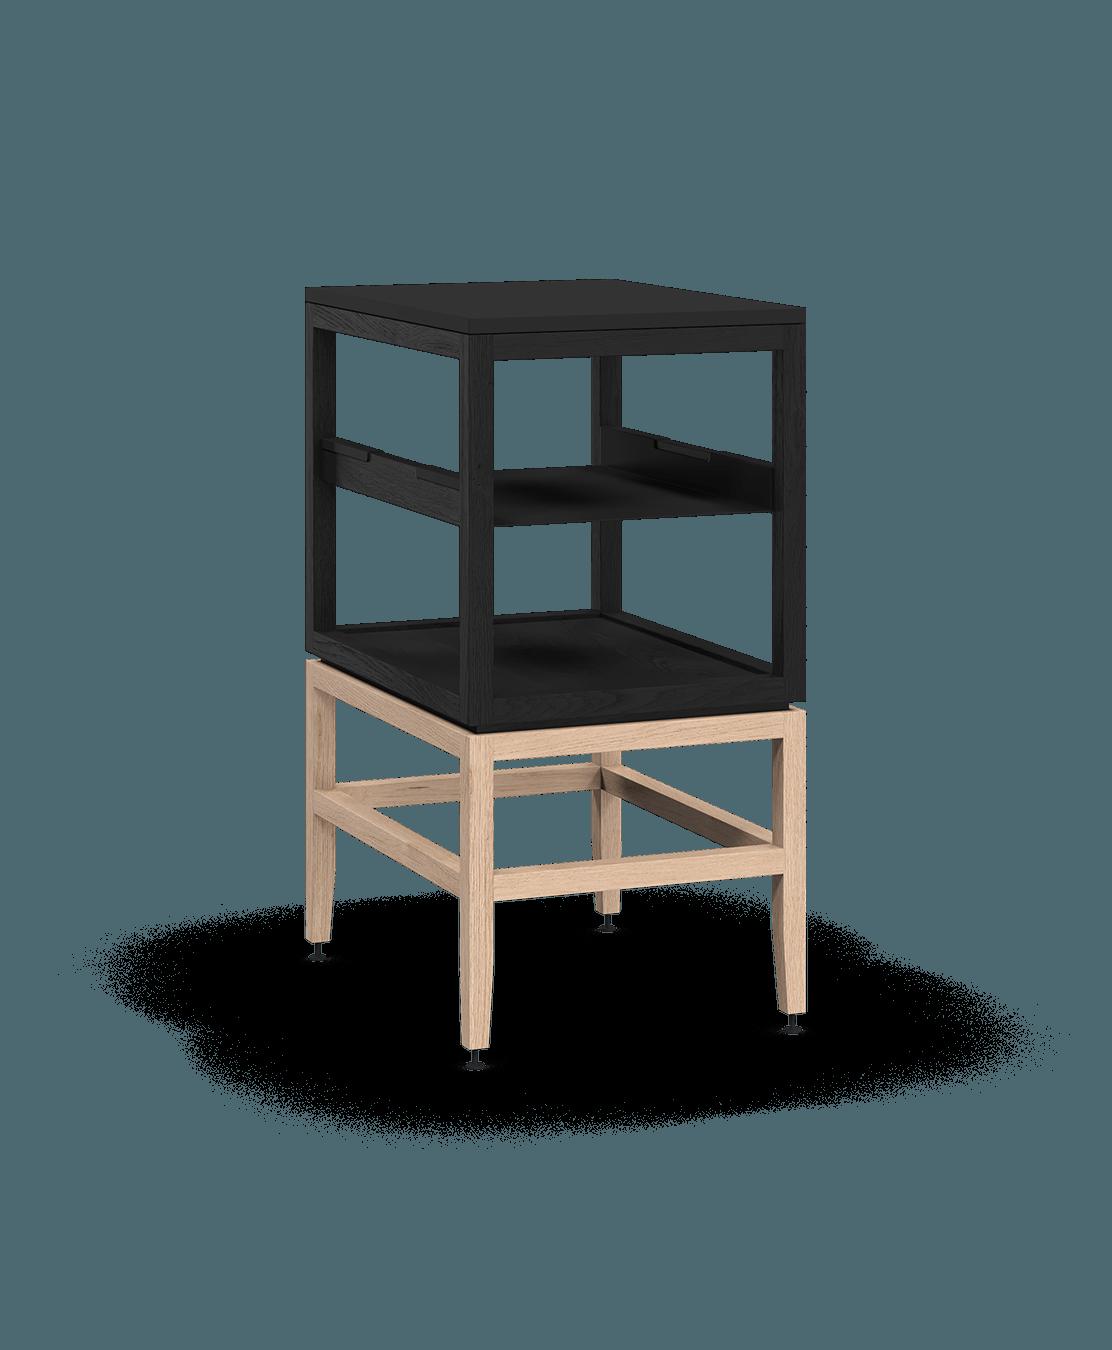 armoire ouverte modulaire de rangement en bois massif coquo volitare avec cube 1 tablette chêne teint noir nuit profonde chêne blanc 18 pouces C2-N-1824-0012-BK-NA